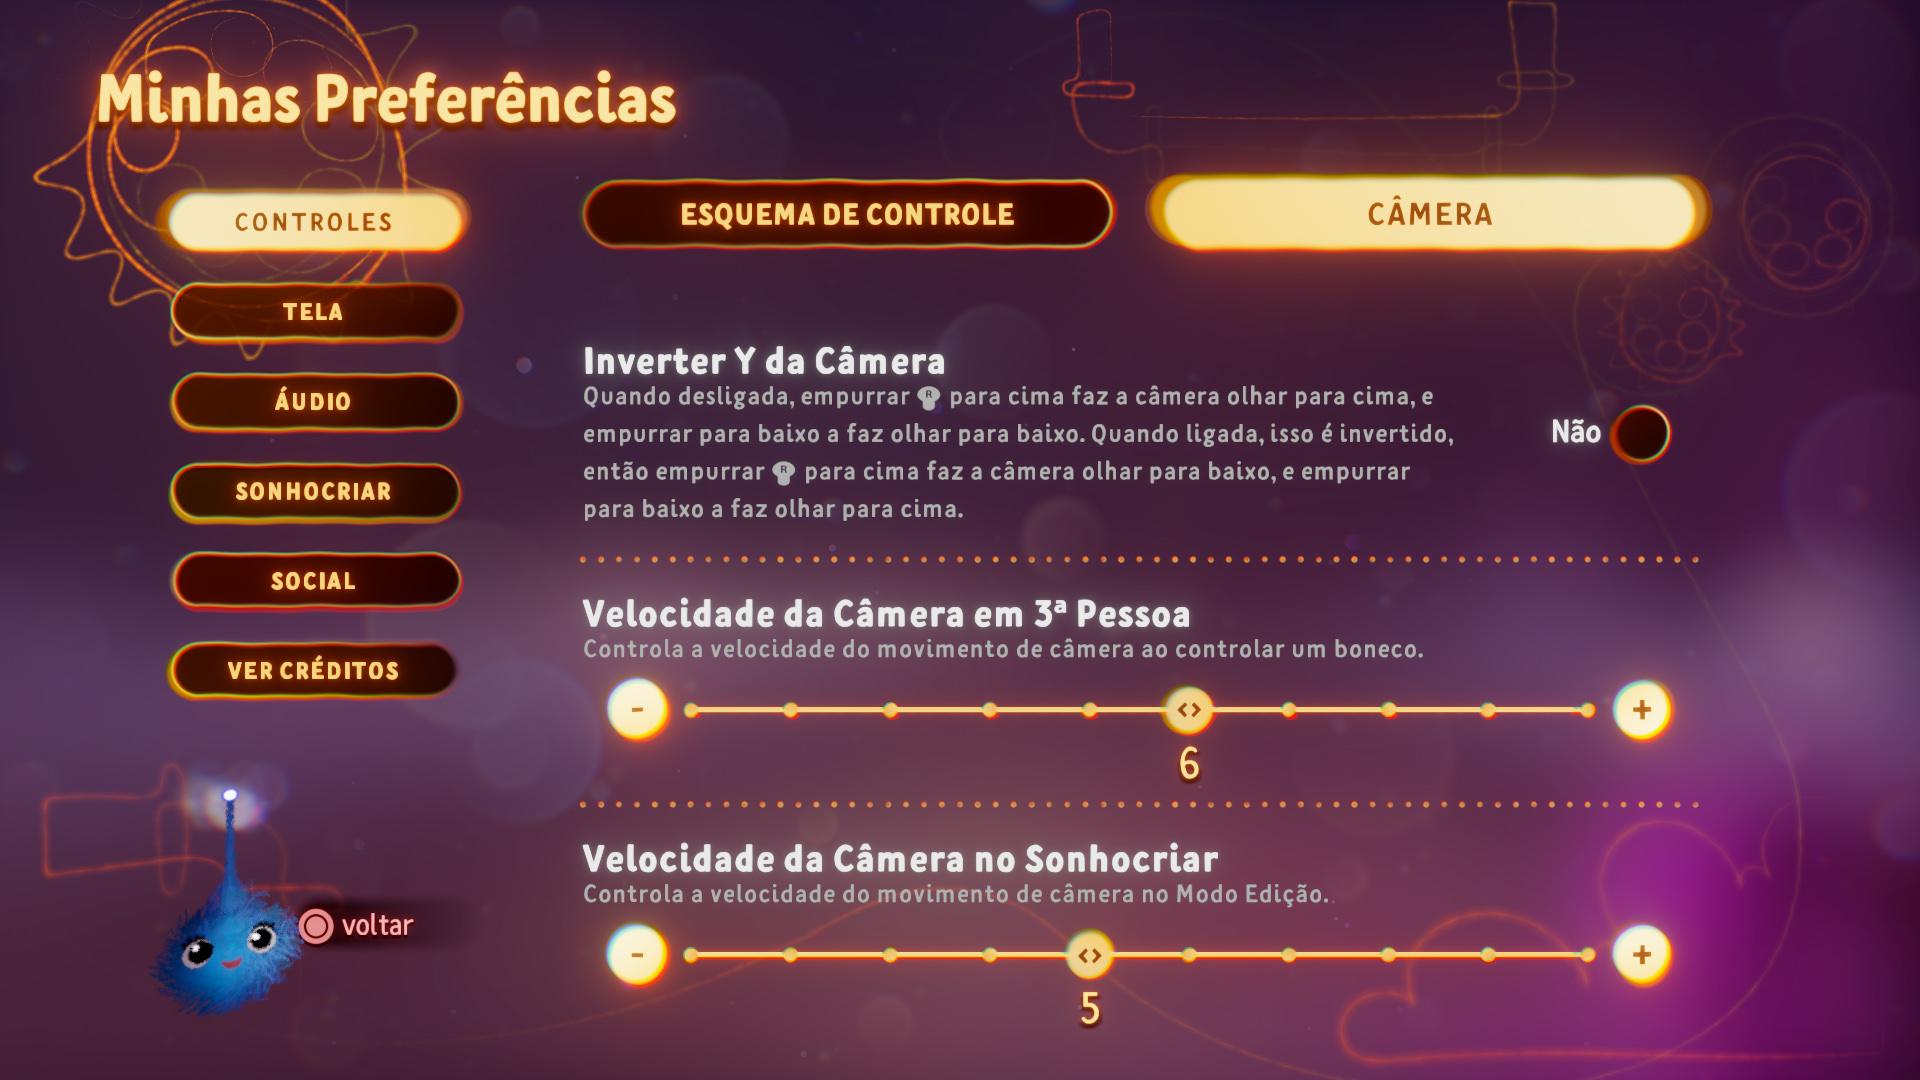 Captura de tela mostrando as Opções de Câmera no Menu Preferências